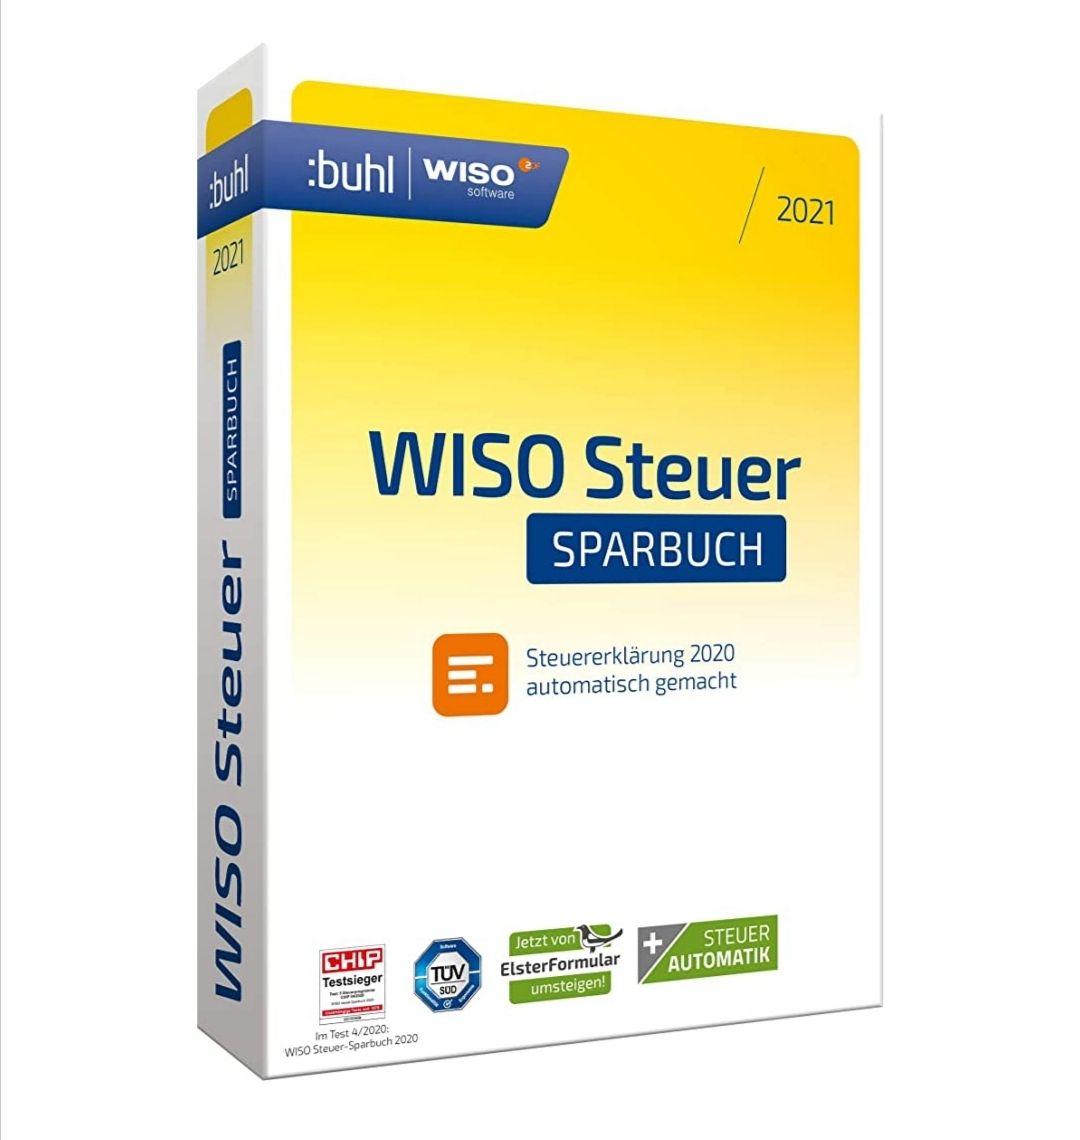 WISO Steuer Sparbuch 2021 (für Steuerjahr 2020) - Disc Version